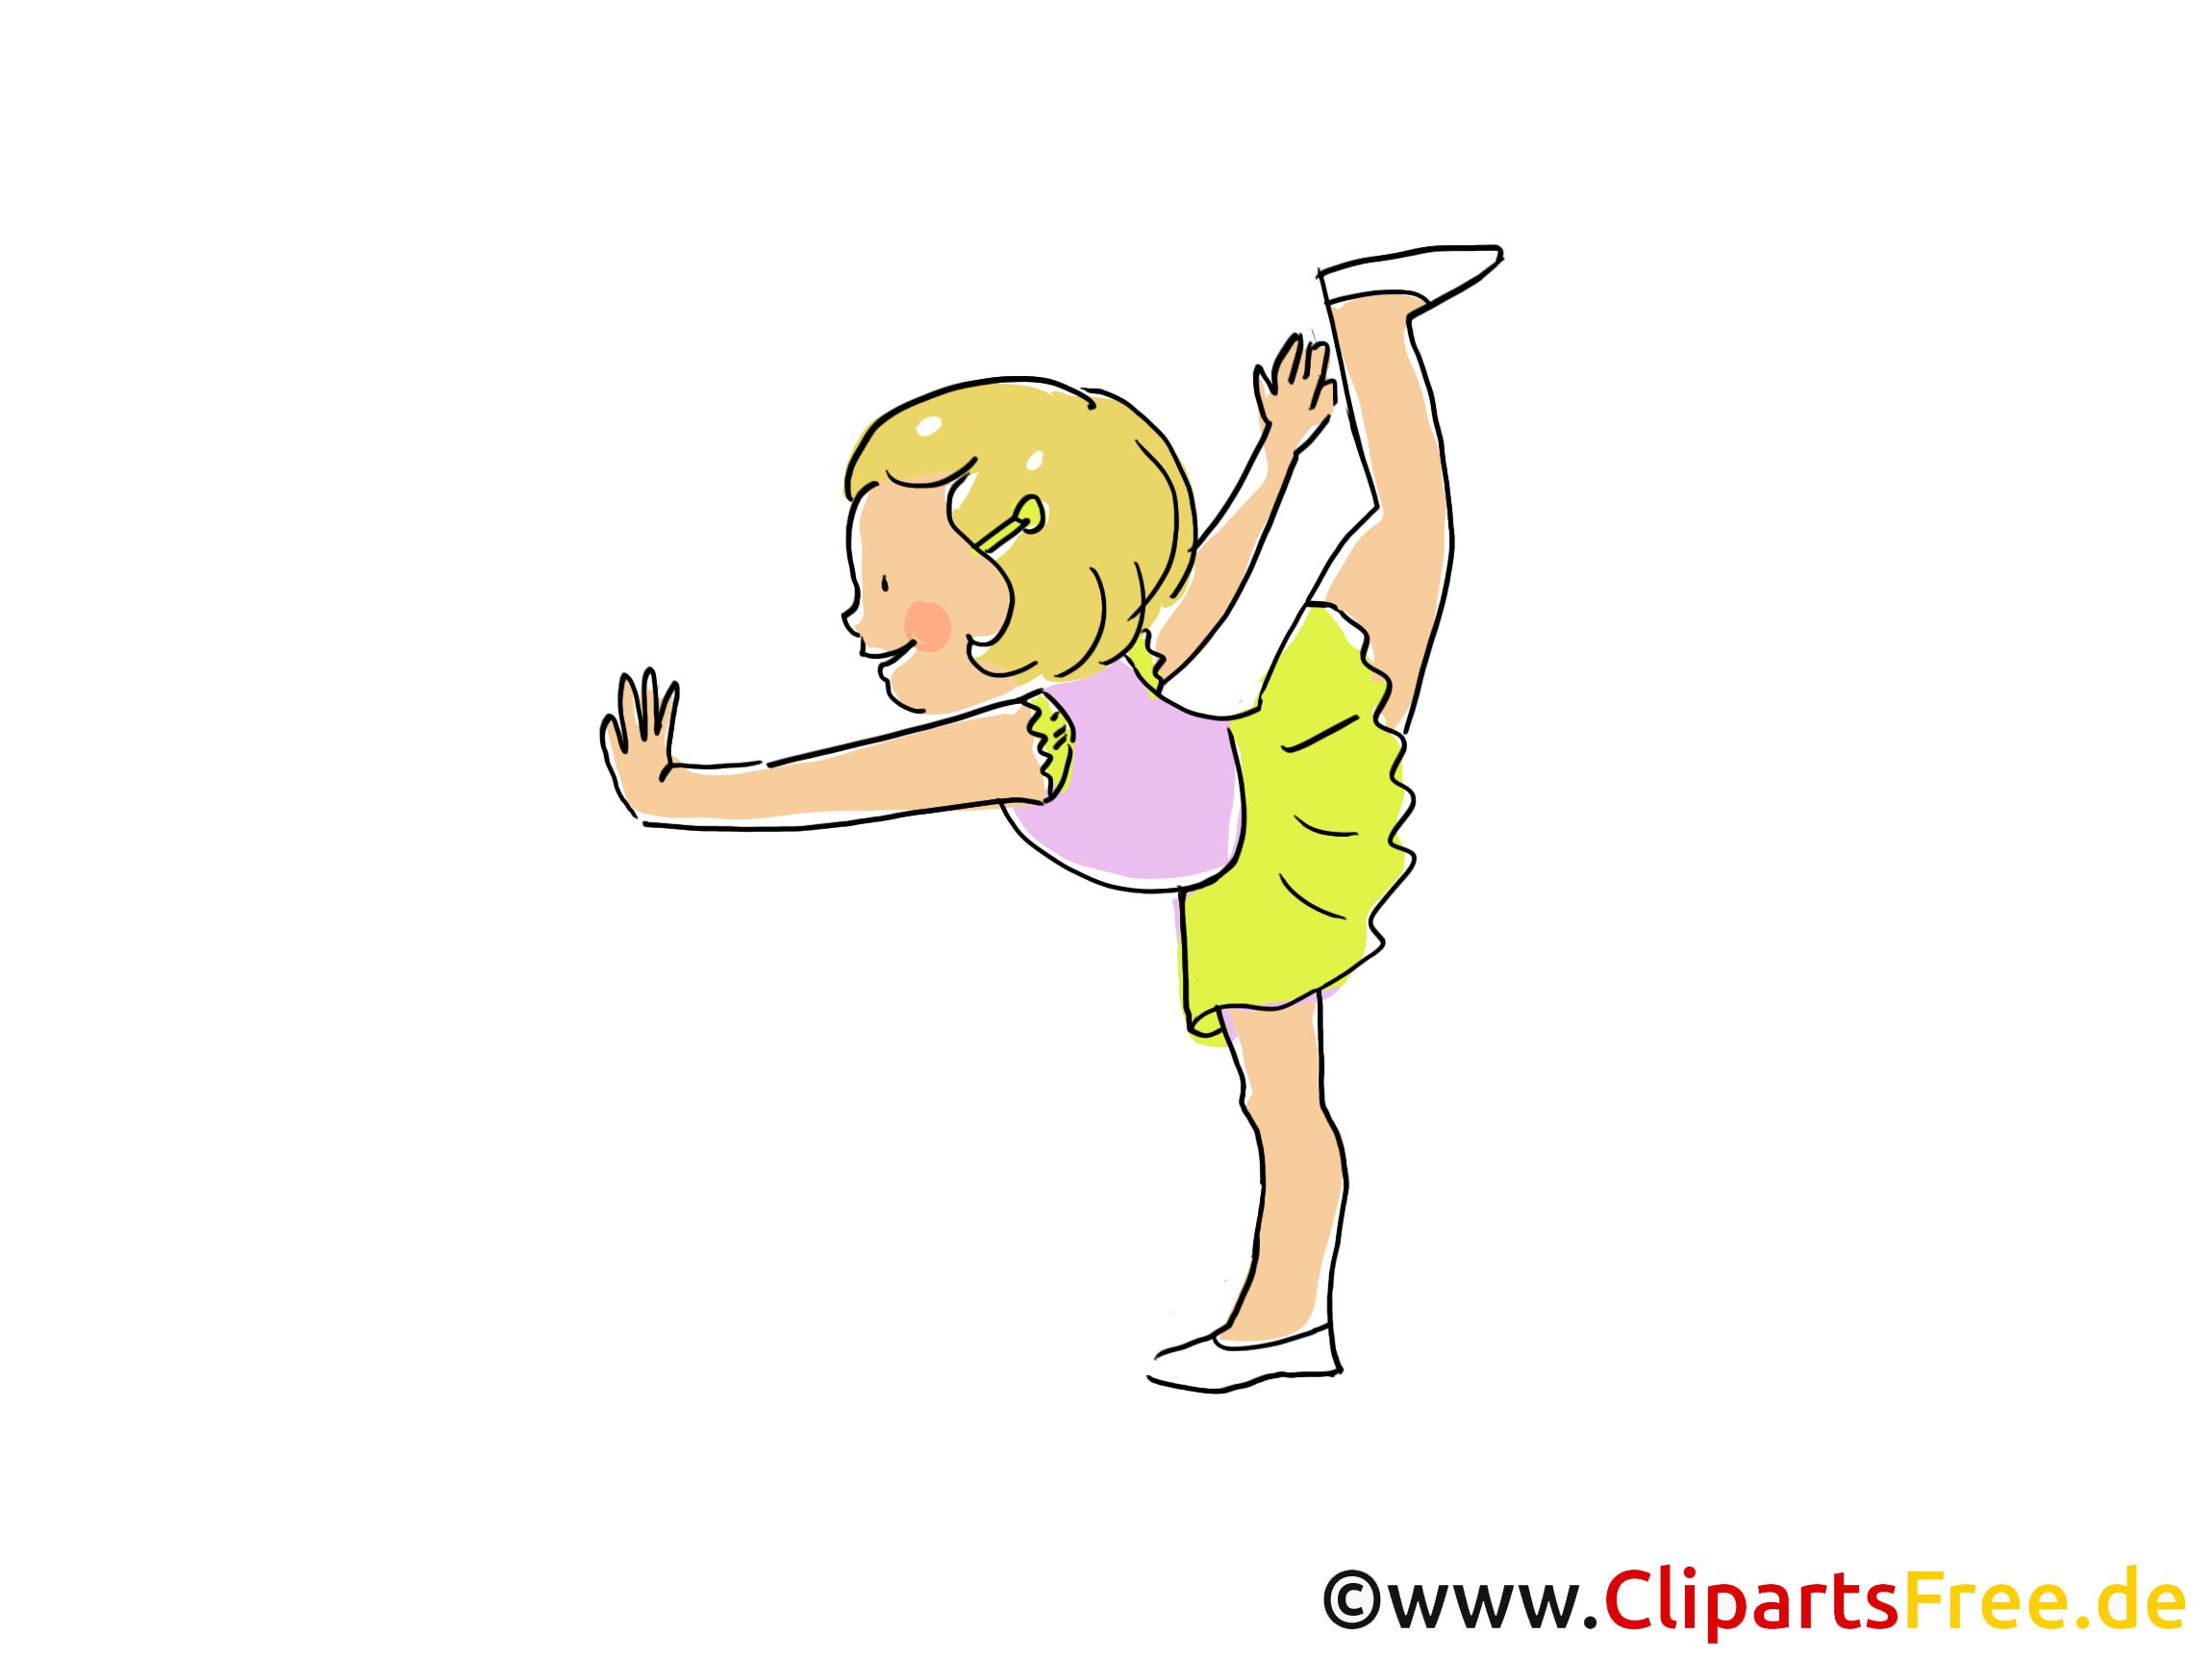 Turnen afbeelding, Clipart, Comic, Cartoon, afbeelding gratis